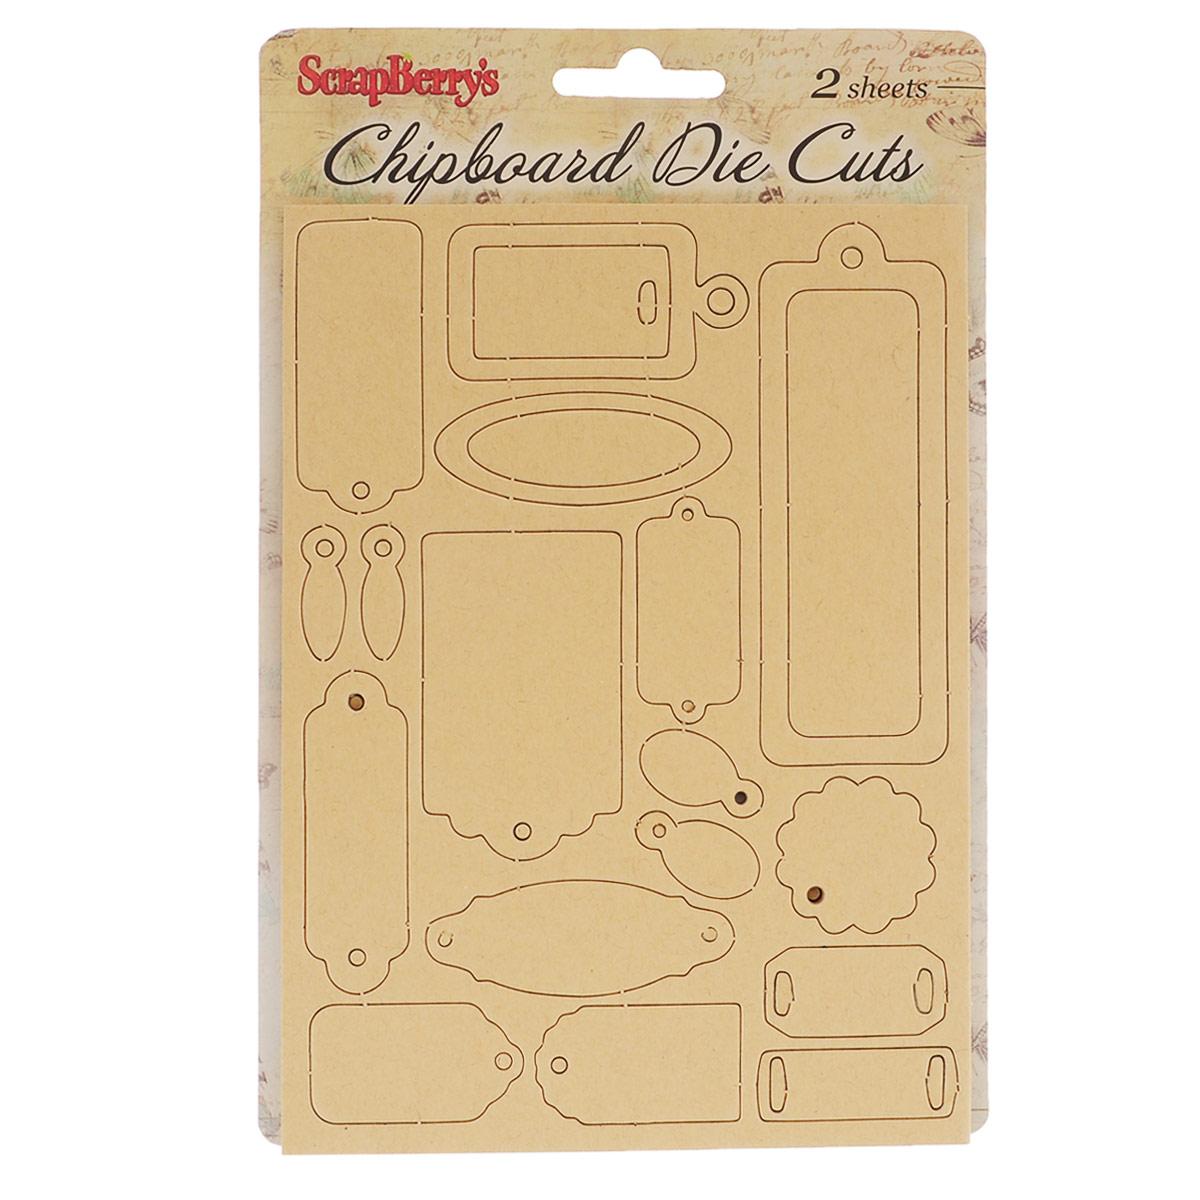 Вырубки из чипборда ScrapBerrys Крафт Тэги, 40 штSCB2022616Чипборд (chipboard) - это очень плотный картон (толщиной от 1 до 4 мм), который широко применяется в скрапбукинге в качестве заготовок. Вырубки из чипборда можно использовать для украшения фотоальбомов, скрап-страничек, подарков, конвертов, фоторамок, открыток и т.д. Они позволяют создать объем в работе и придать ей законченный вид! В наборе - 40 элементов разного дизайна, цвета и формы. Скрапбукинг - это хобби, которое способно приносить массу приятных эмоций не только человеку, который этим занимается, но и его близким, друзьям, родным. Это невероятно увлекательное занятие, которое поможет вам сохранить наиболее памятные и яркие моменты вашей жизни, а также интересно оформить интерьер дома. Размер наибольшего элемента: 10 см х 3,5 см.